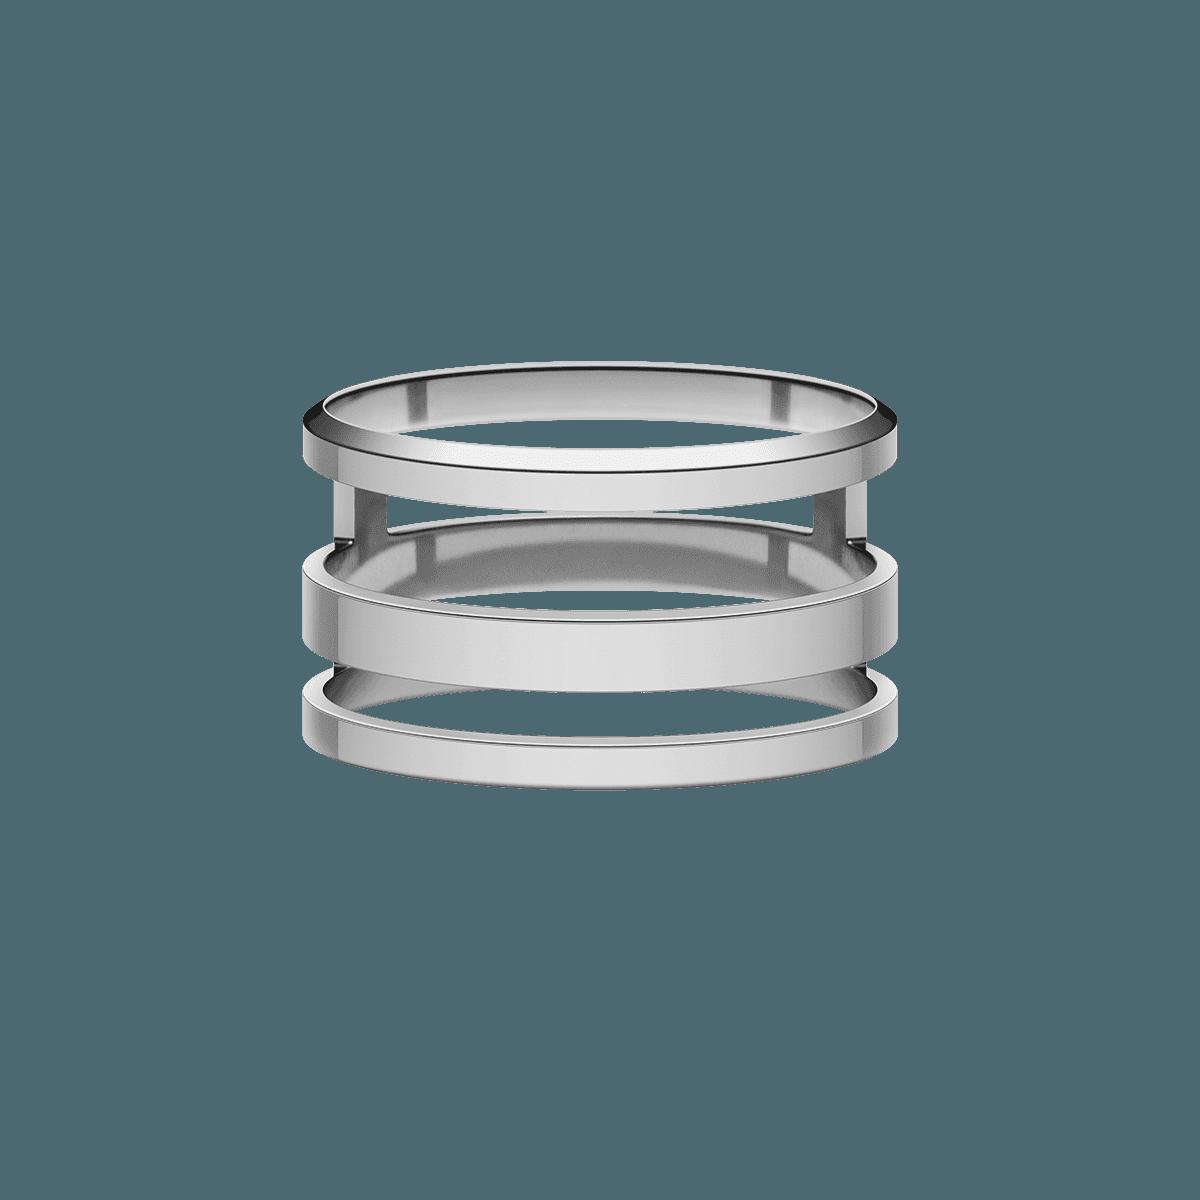 Elan Triad Ring Silver 60